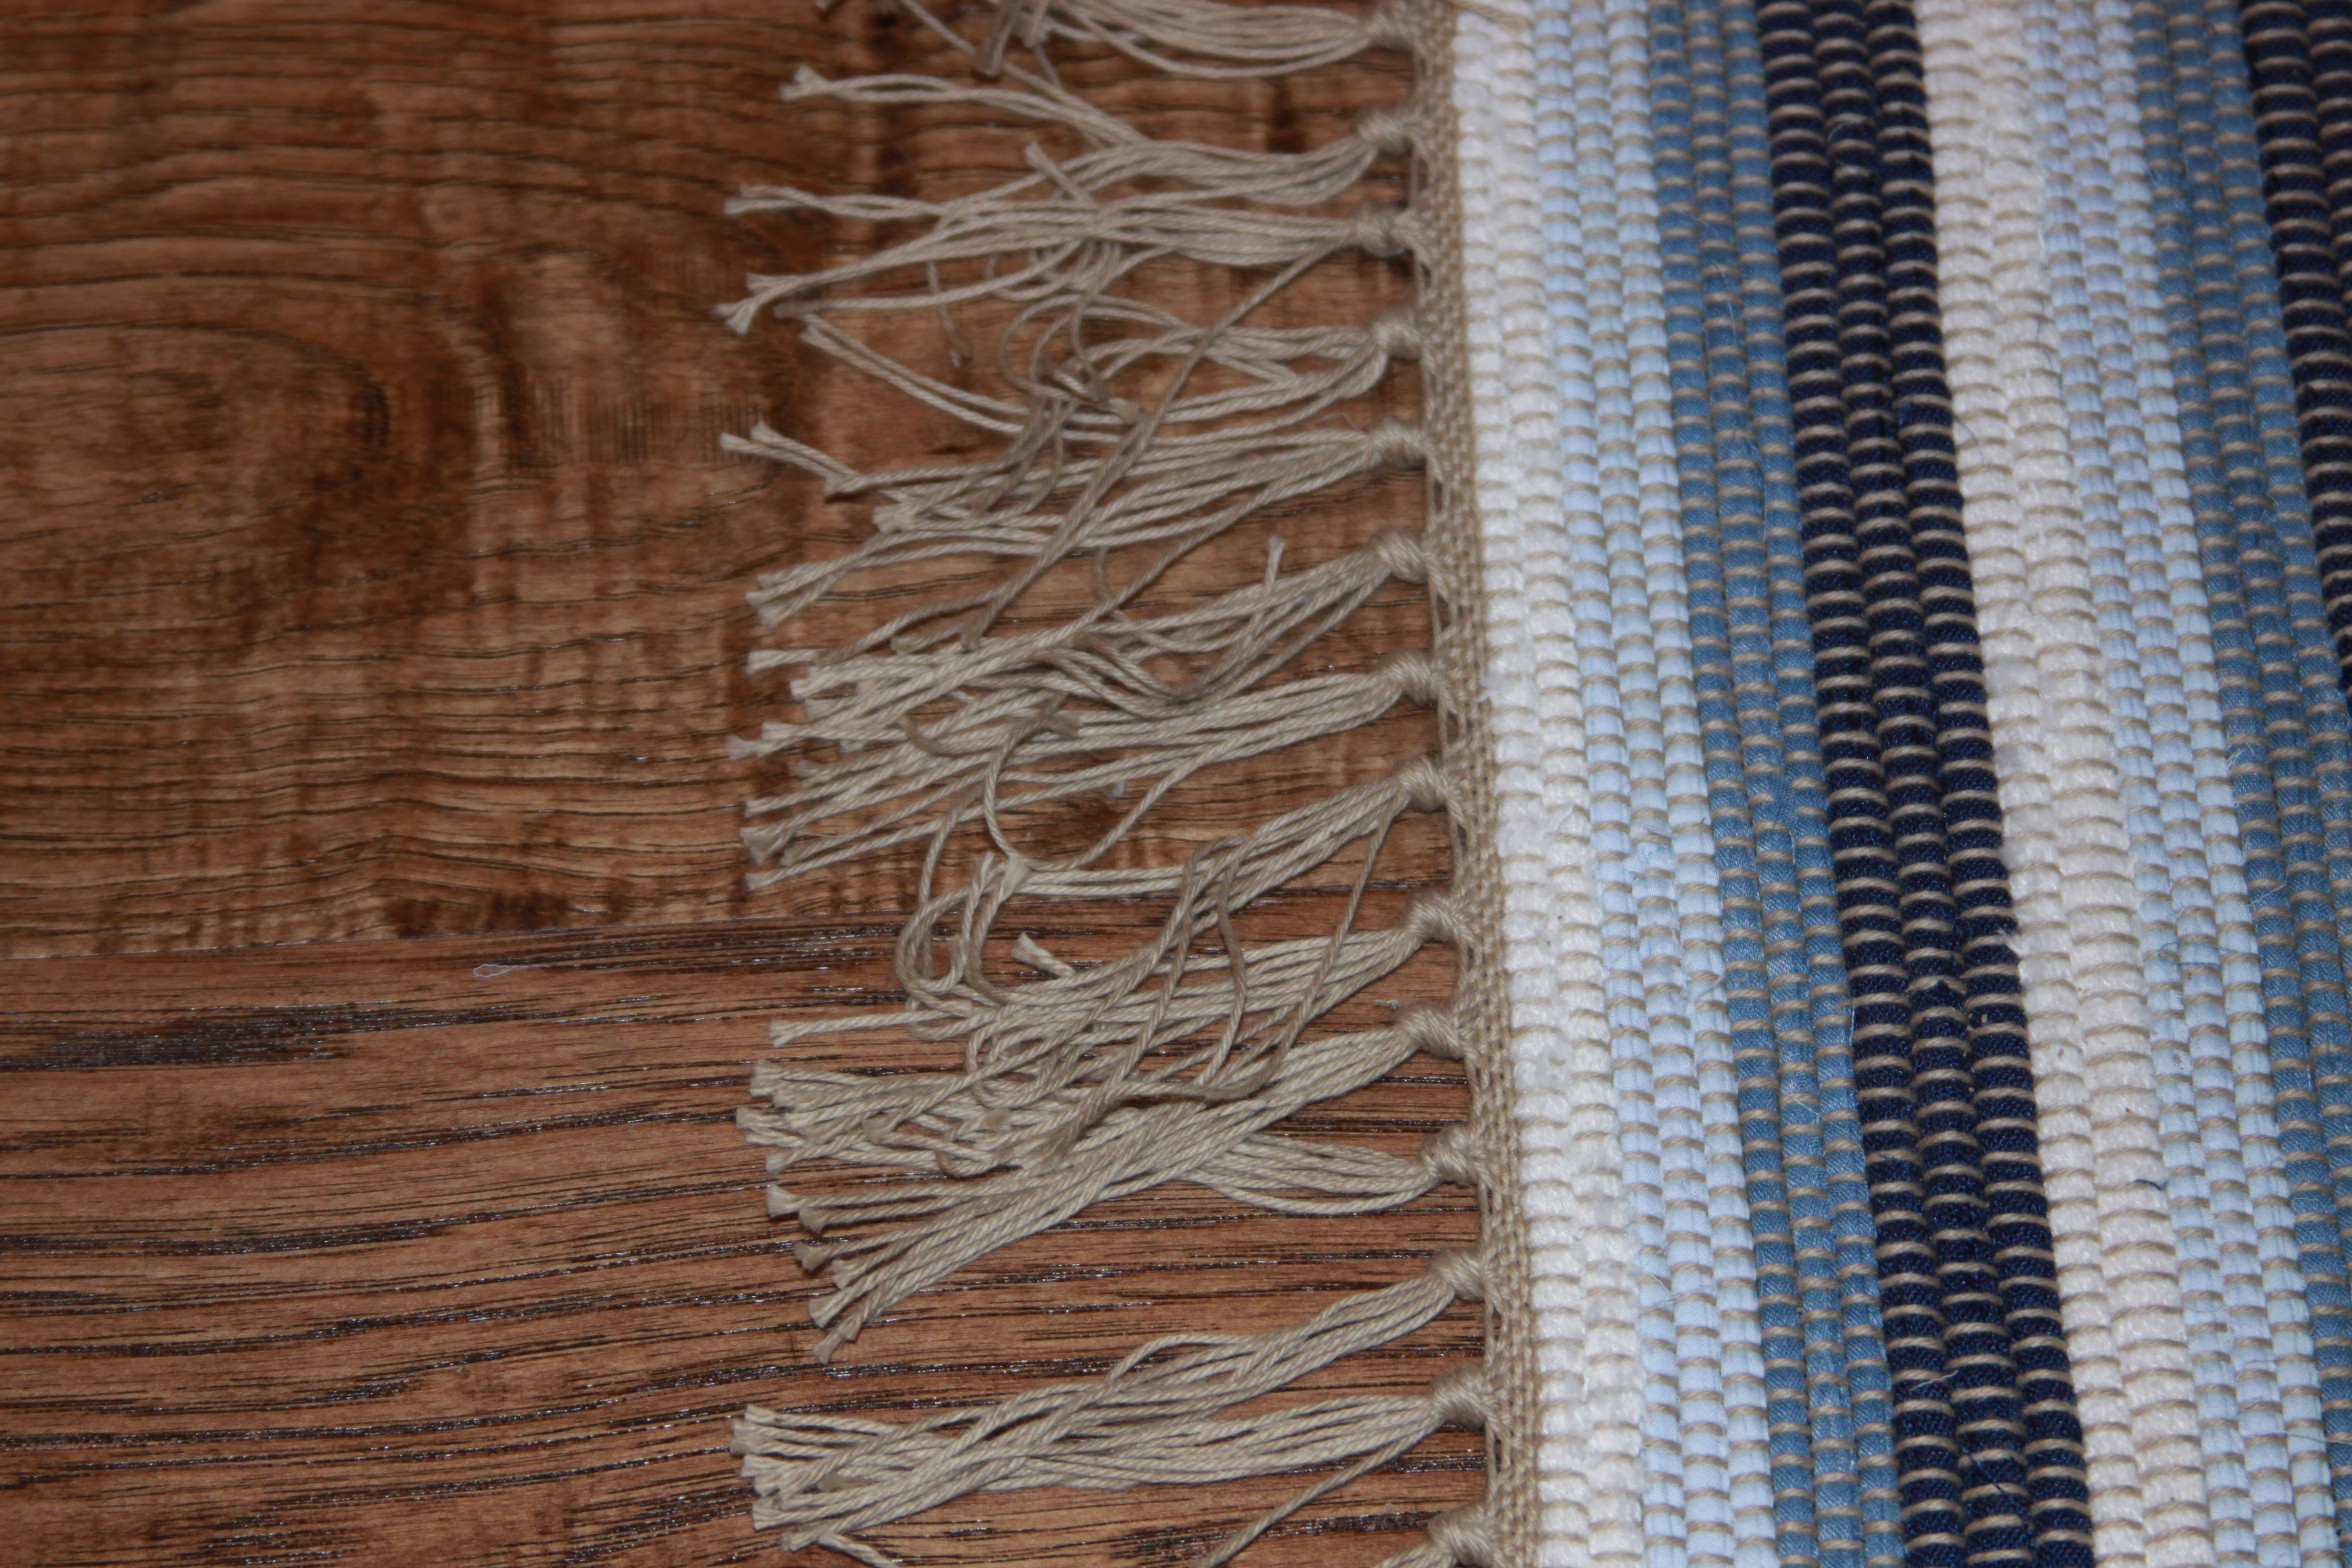 Image of rug fringe